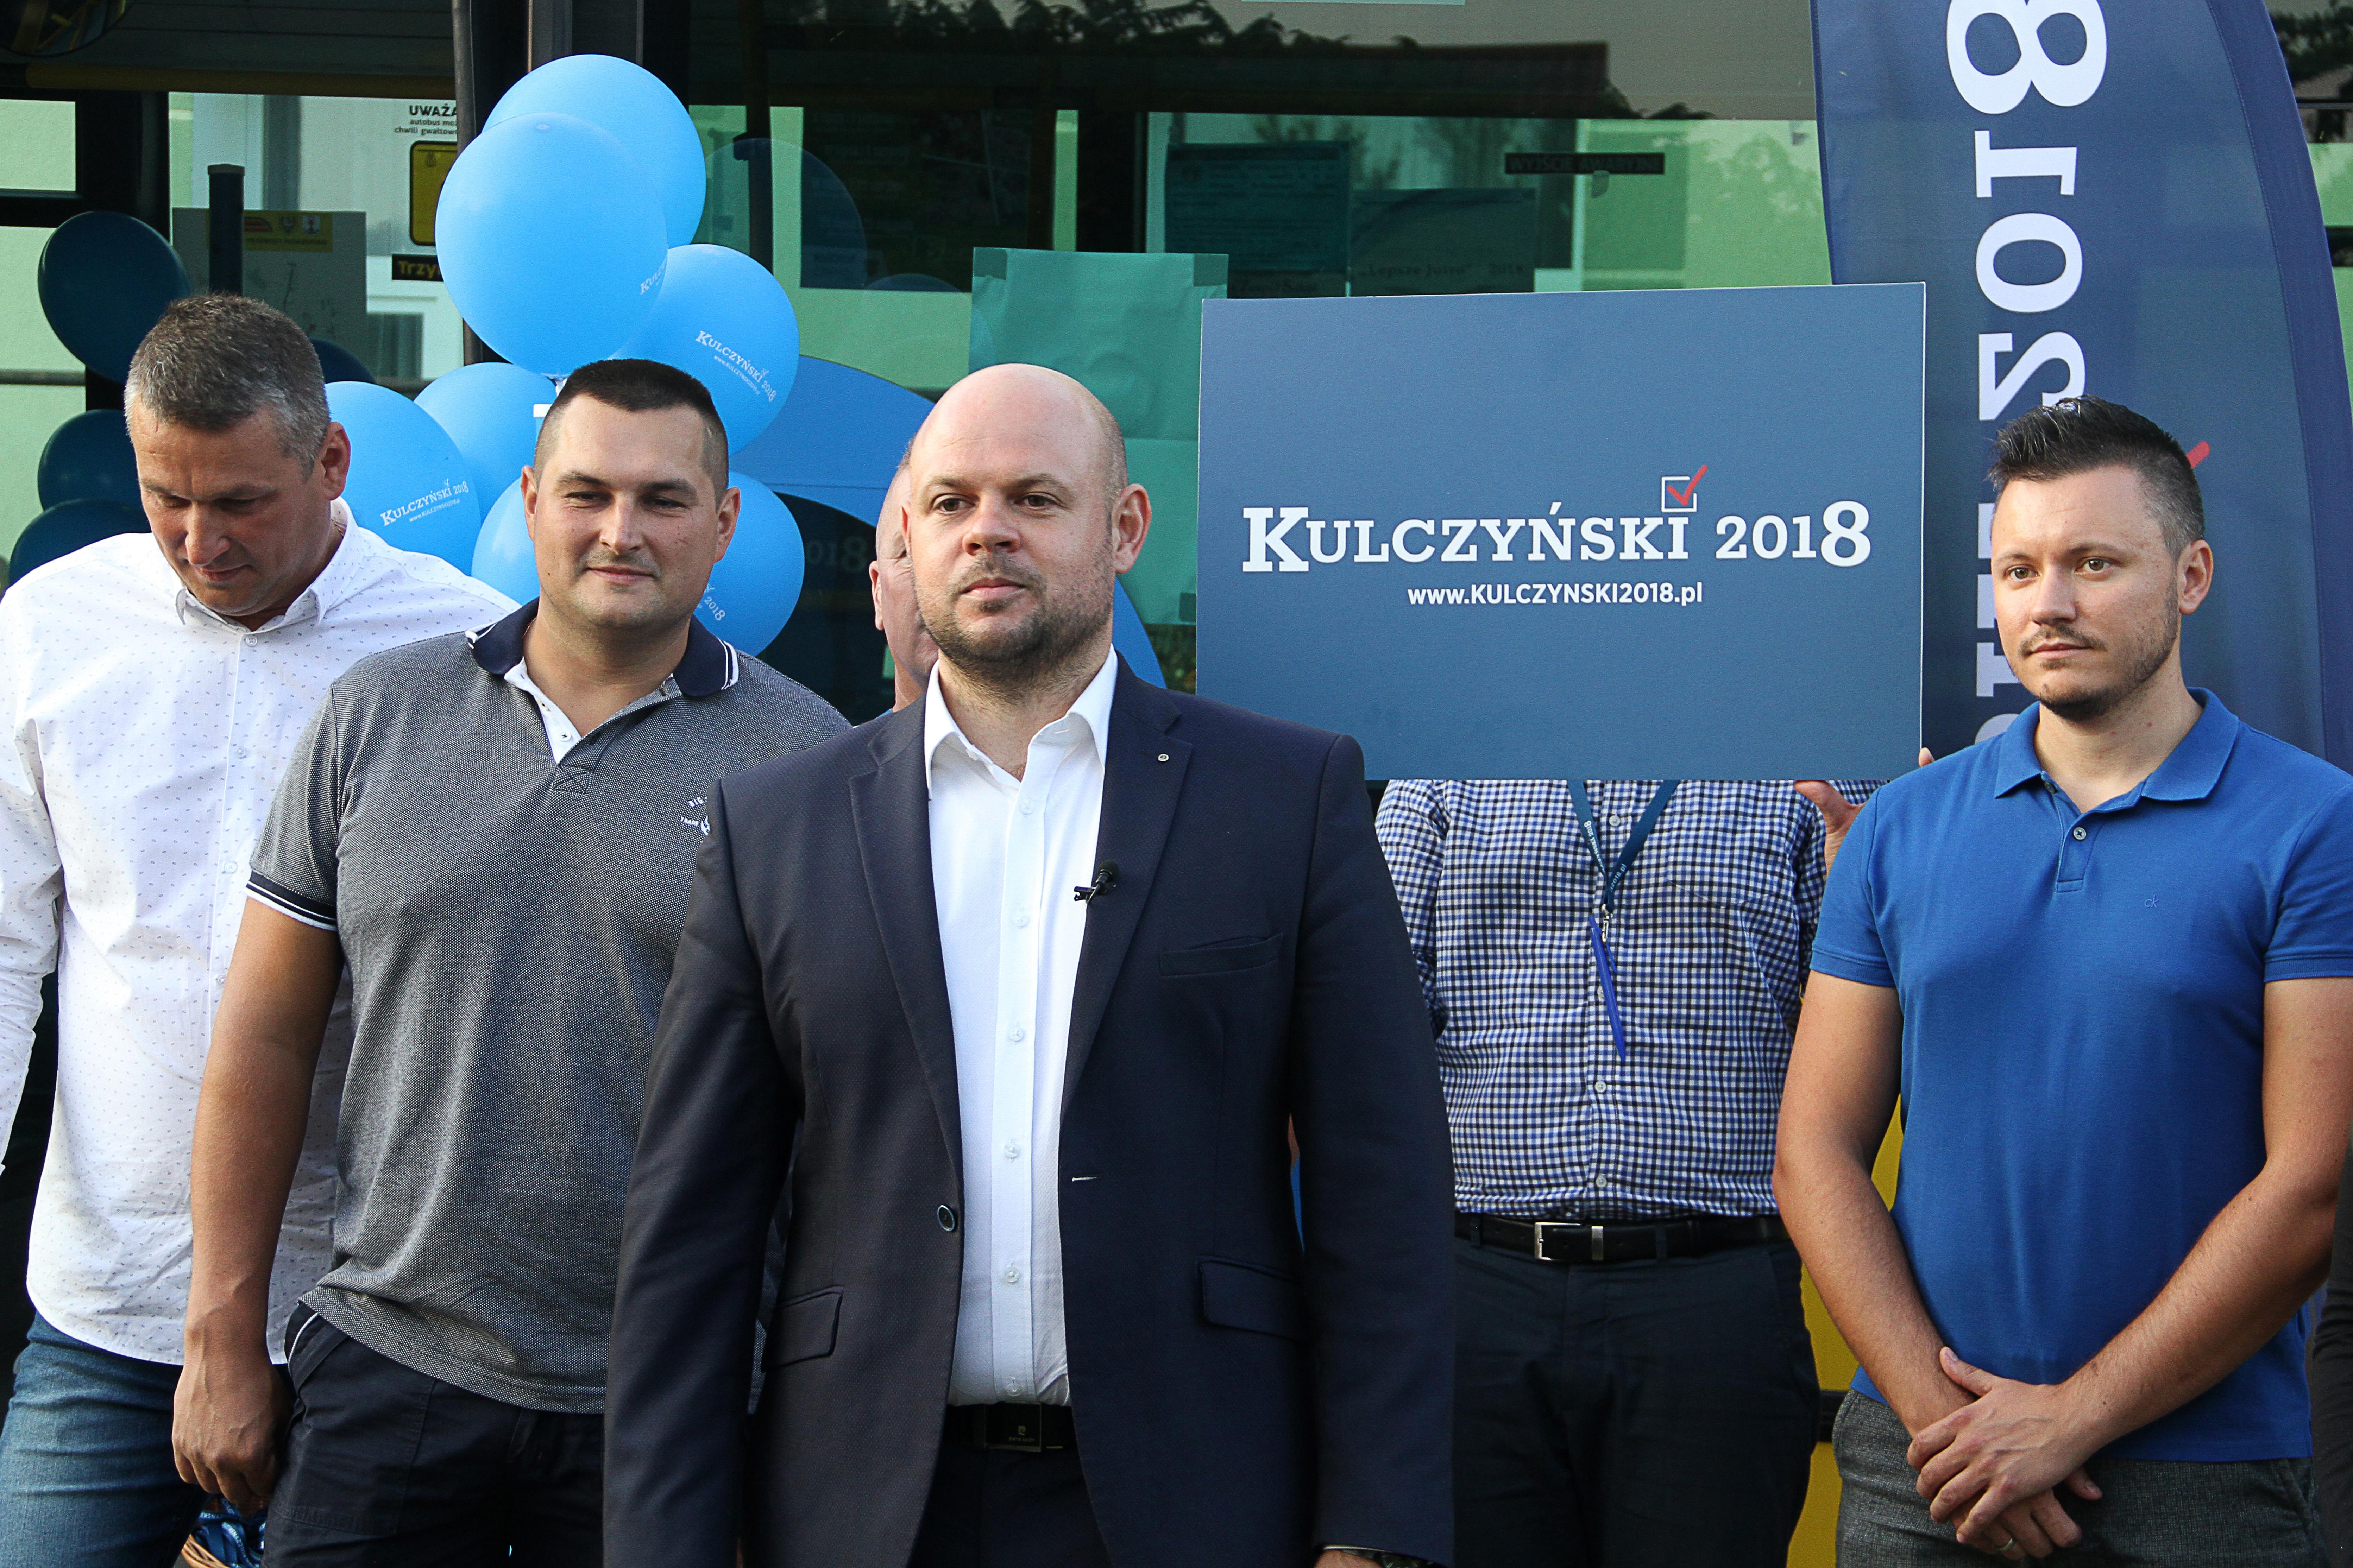 Burmistrz Kulczyński: Nie można się bać trudnych decyzji